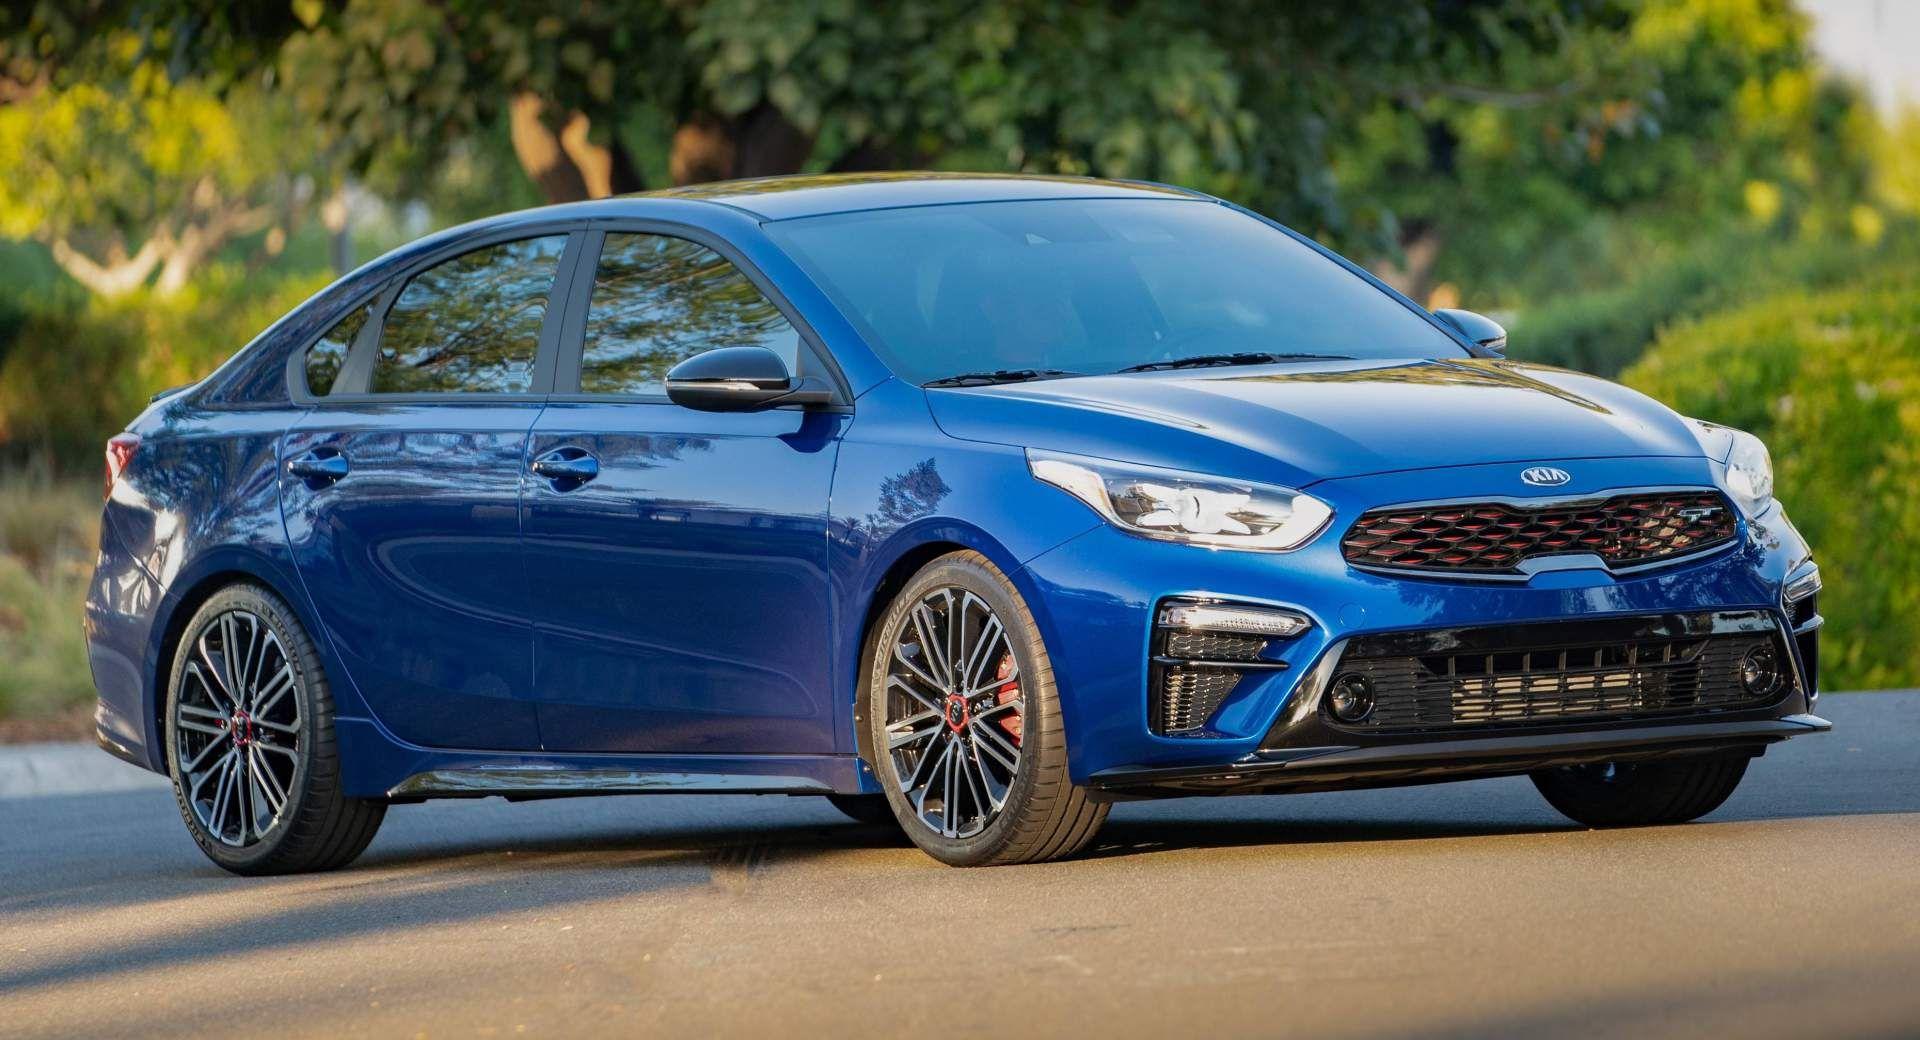 Kia Forte Gt Line 2020 Concept In 2020 Kia Forte Kia New Cars